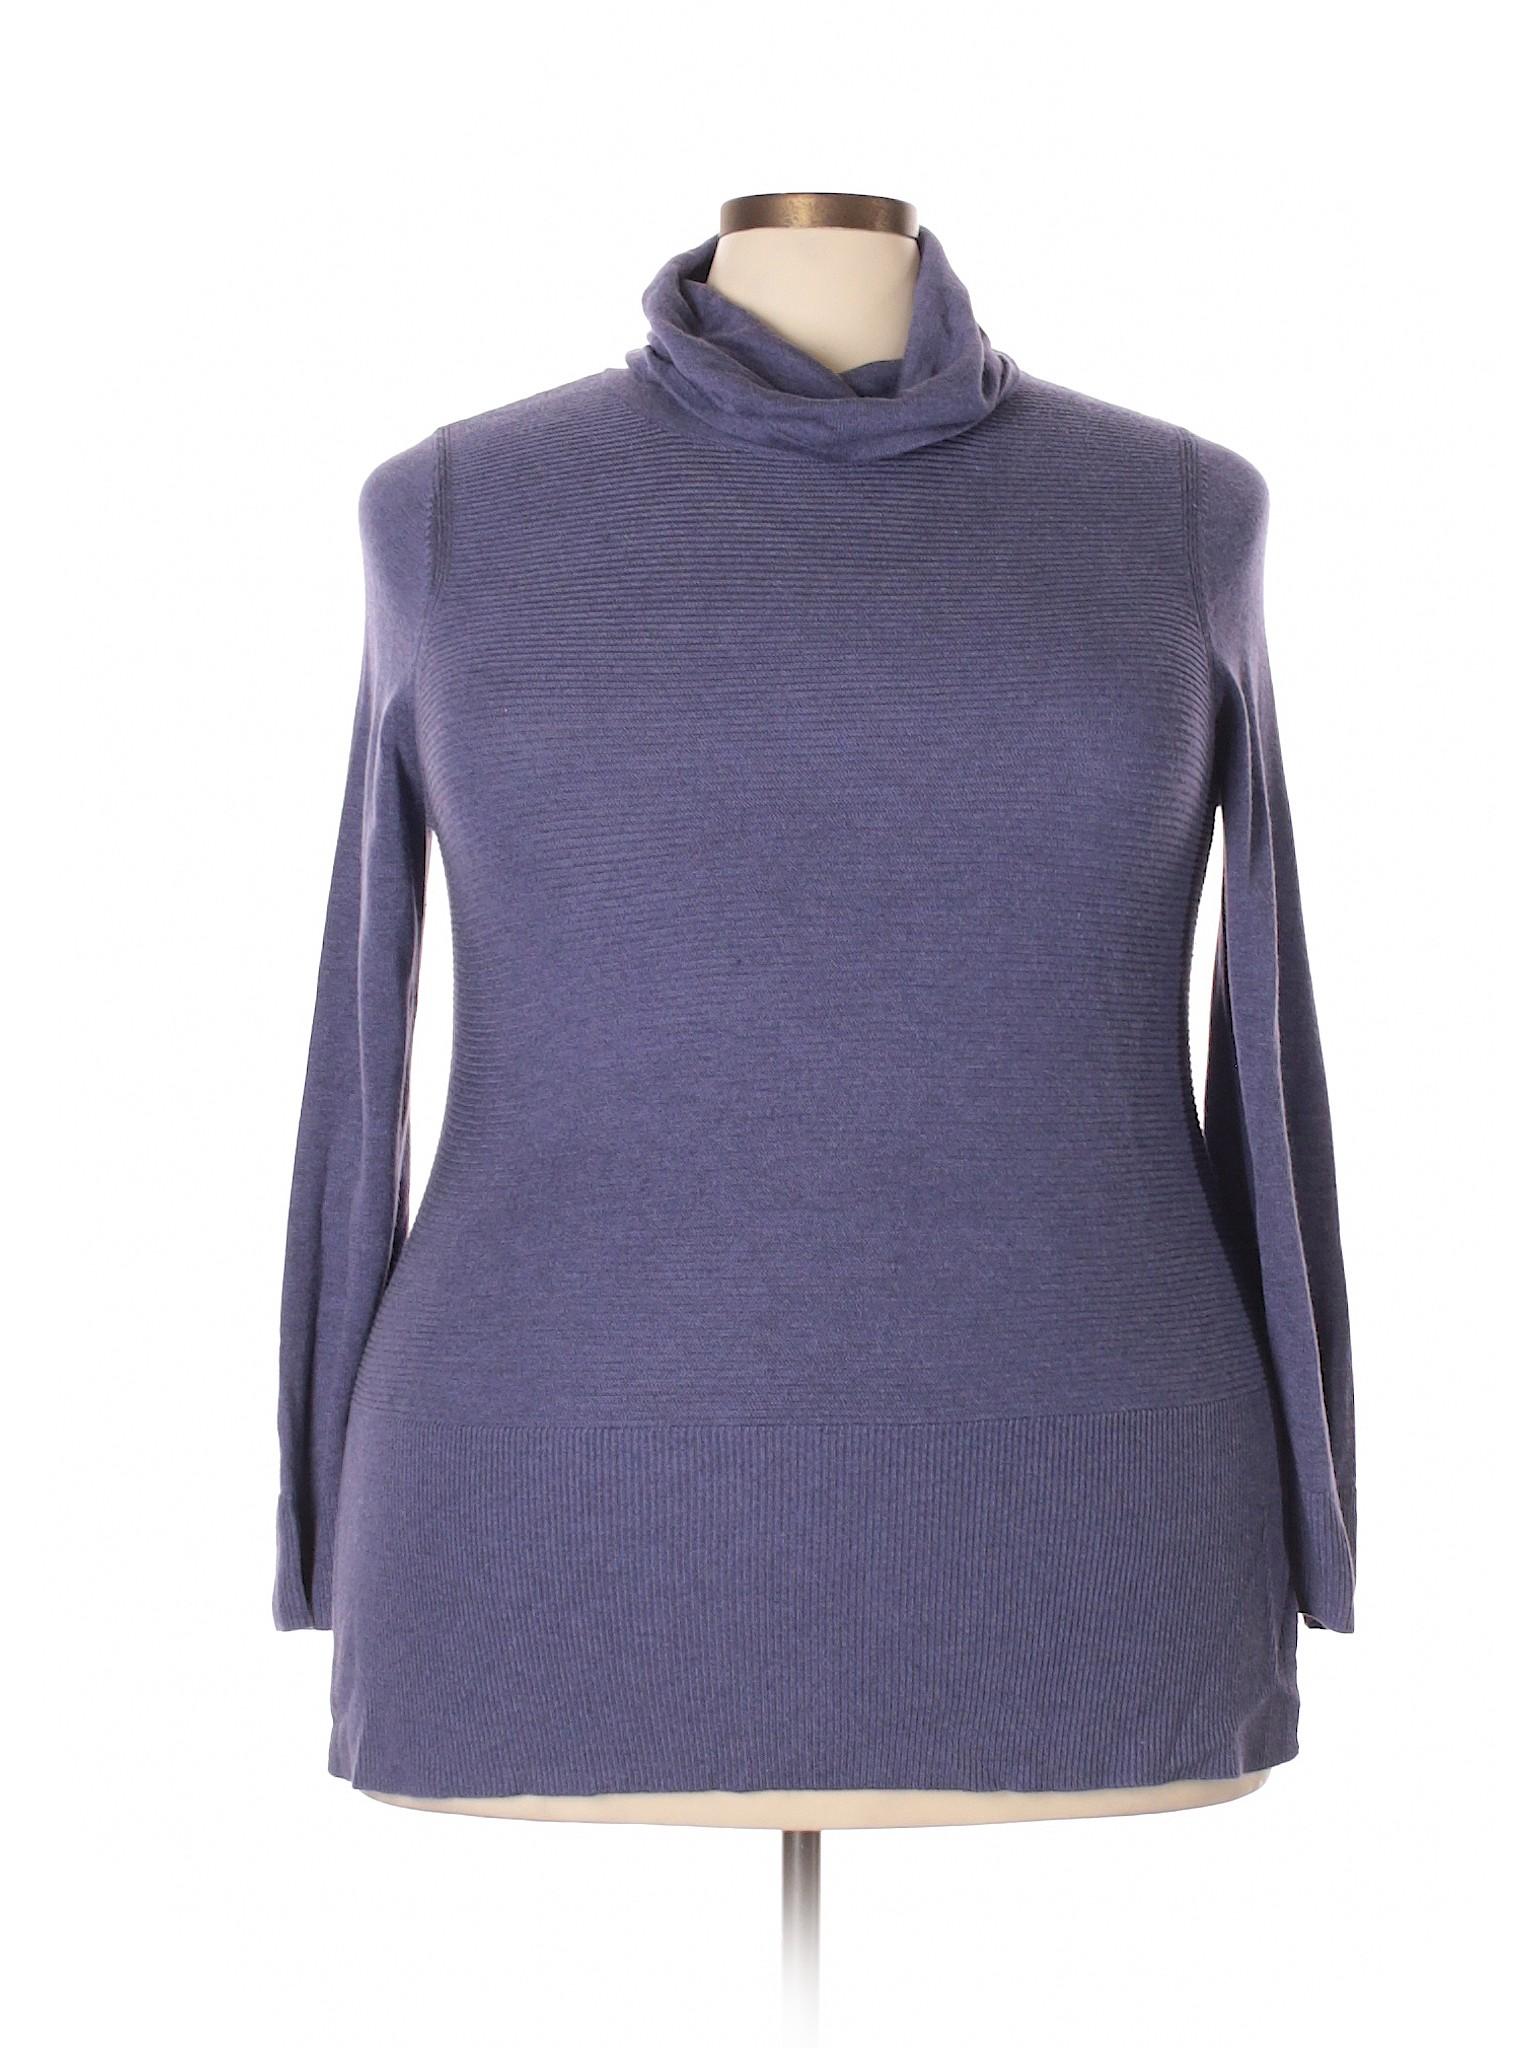 Pullover Boutique Adrienne Vittadini Pullover Boutique Adrienne Sweater Vittadini OzqgnO4cw